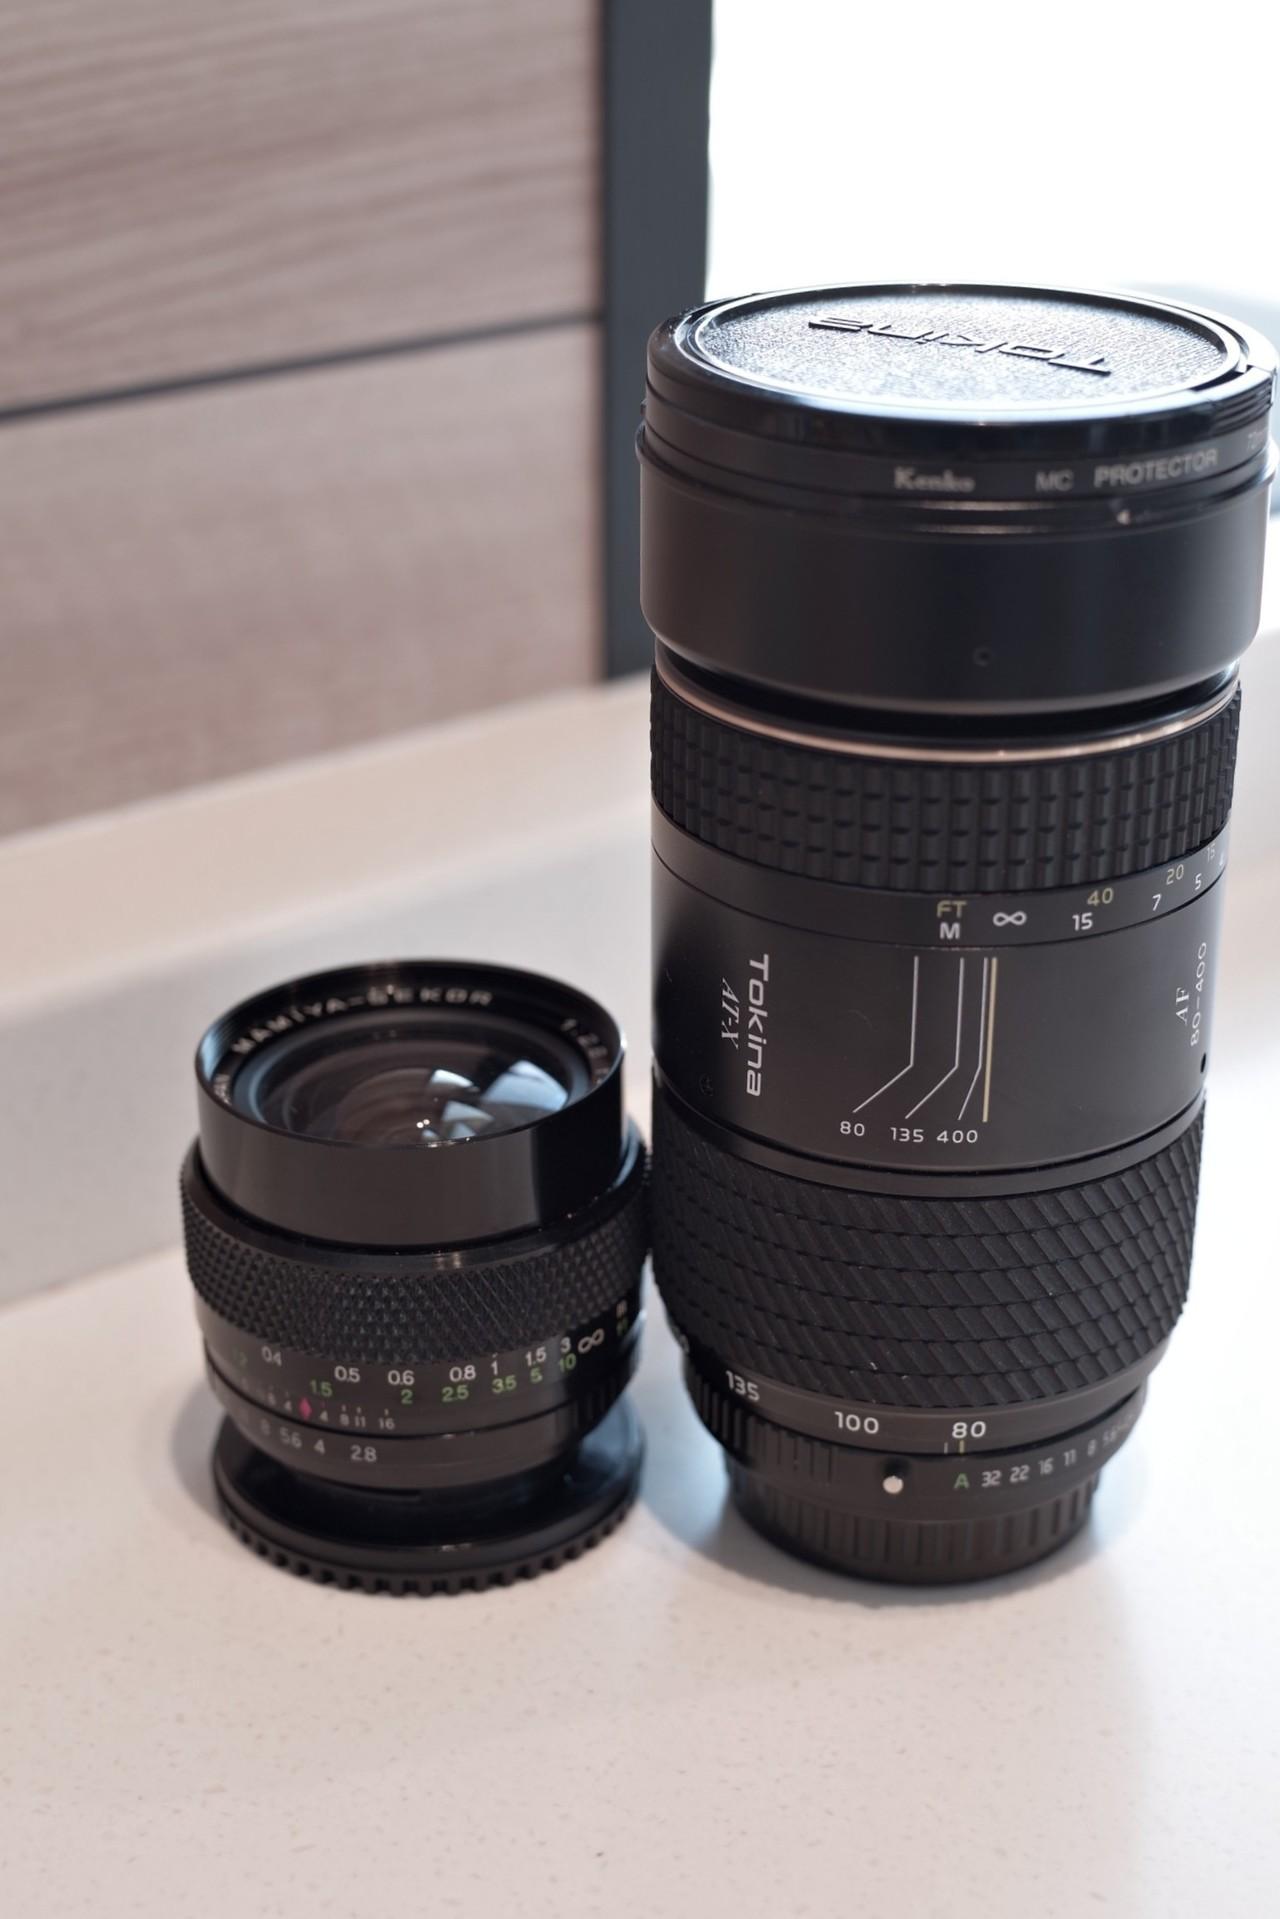 マミヤセコール24mmF2.8問題無し)とトキナー80-400mmF4.5-5.6(コーティング?カビ?)